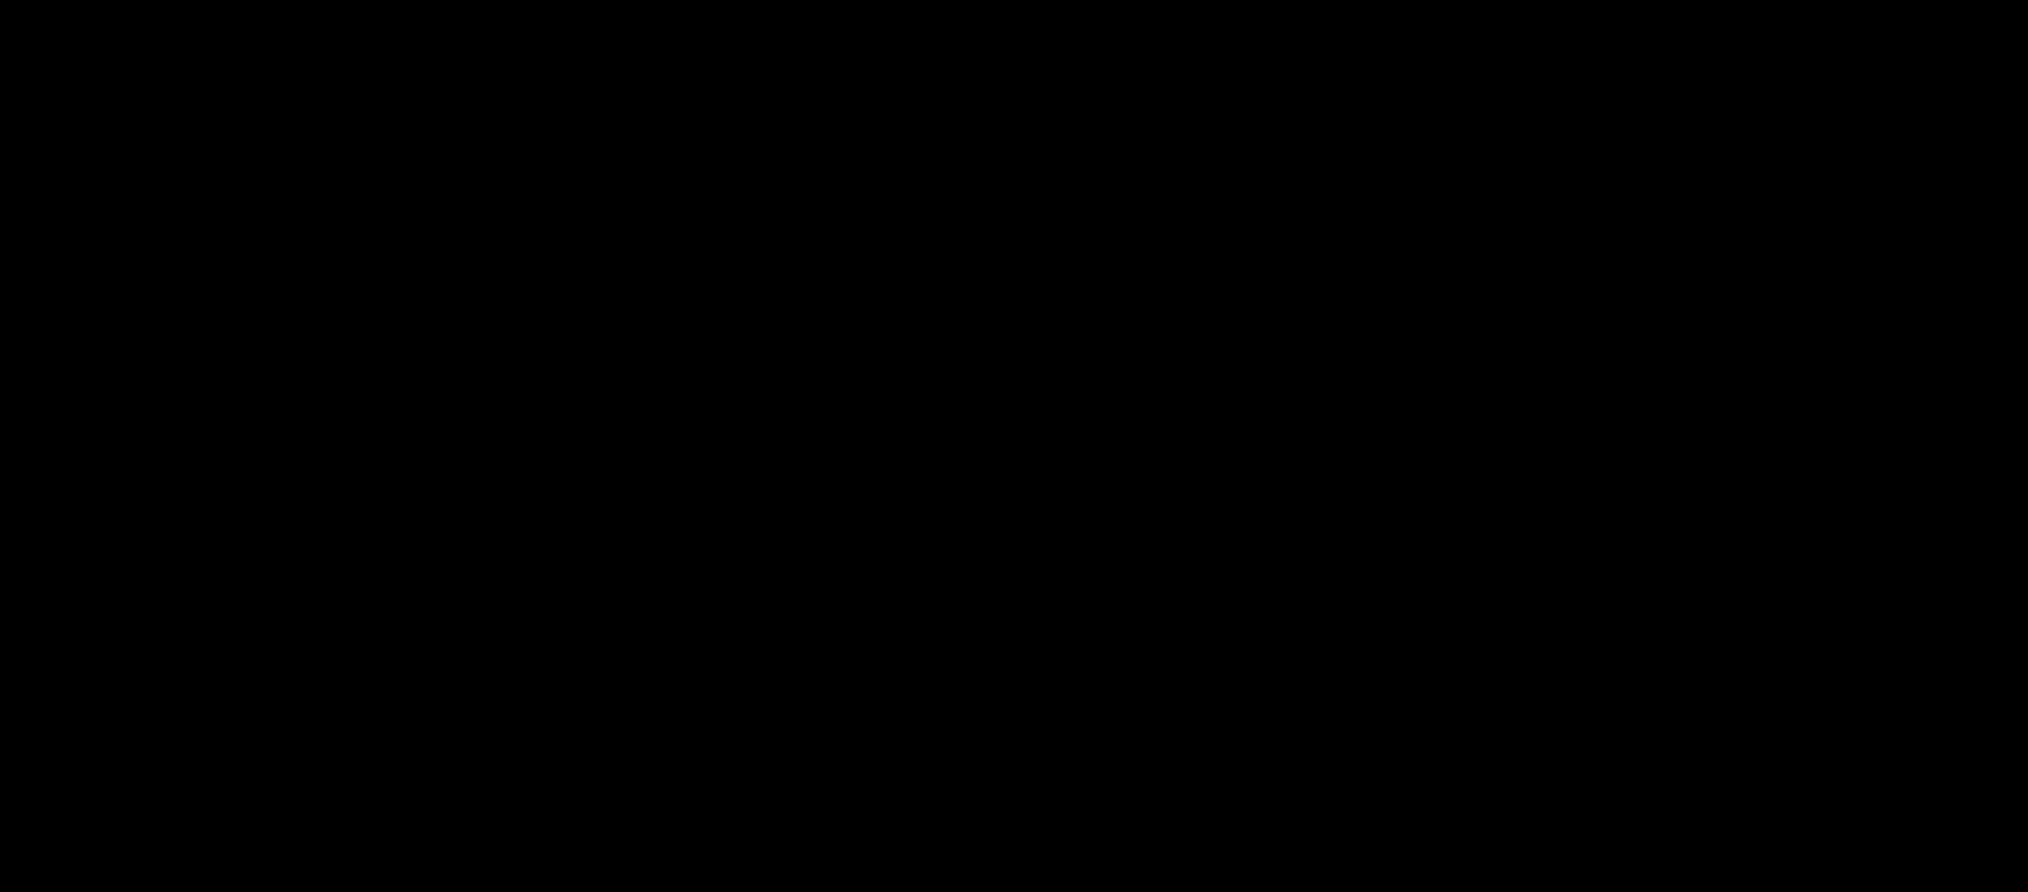 N-Biotinyl norepinephrine